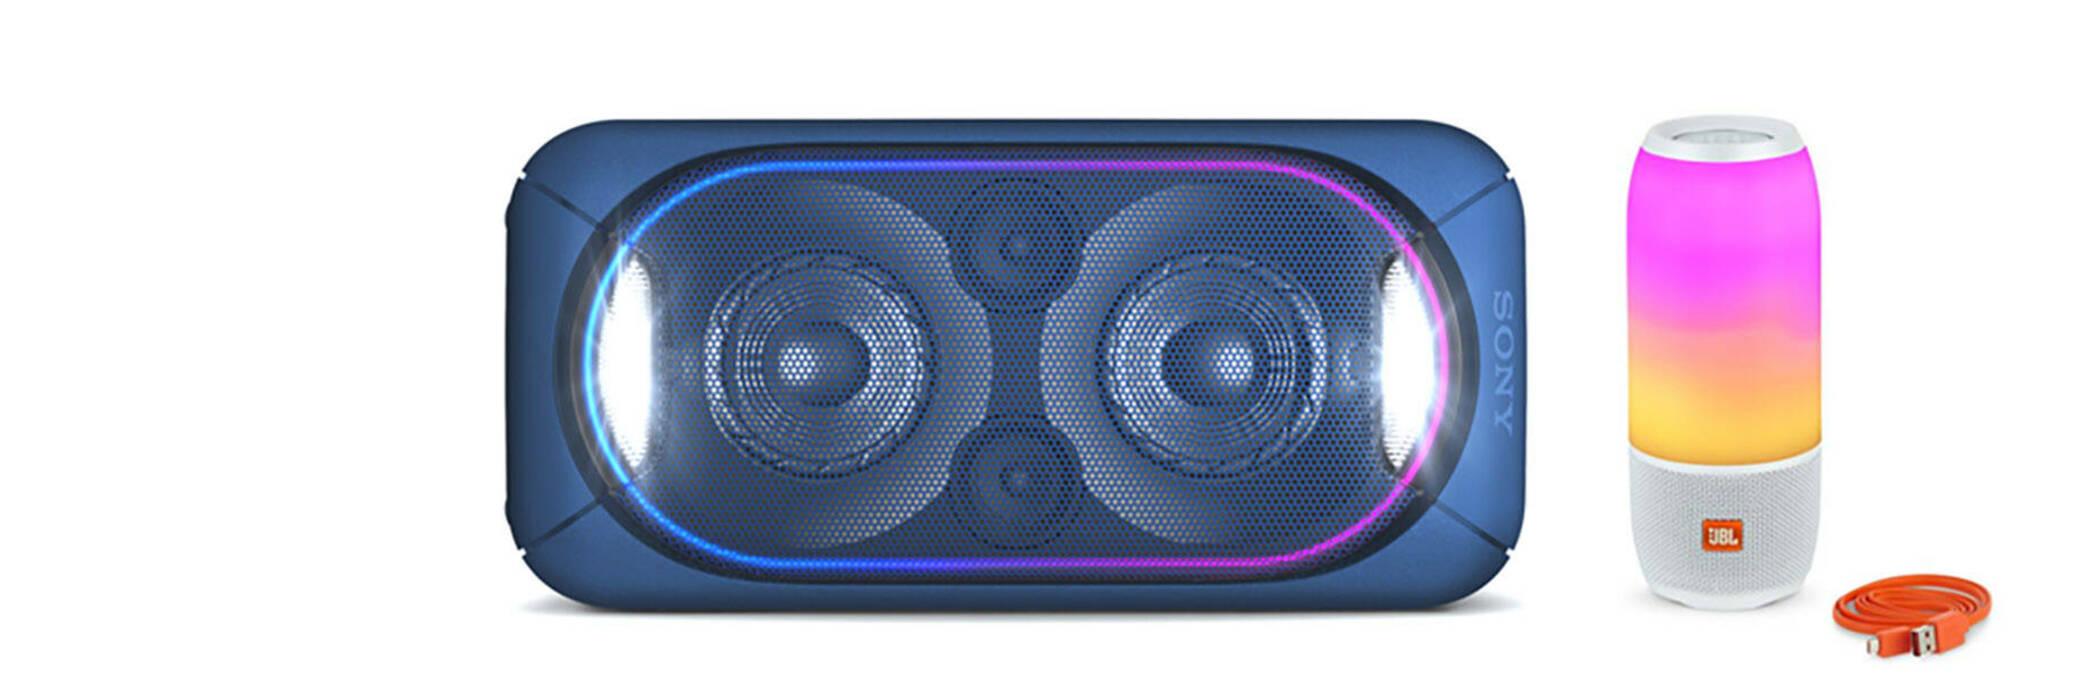 Sony GTK-XB60 & JBL Pulse 3 speakers